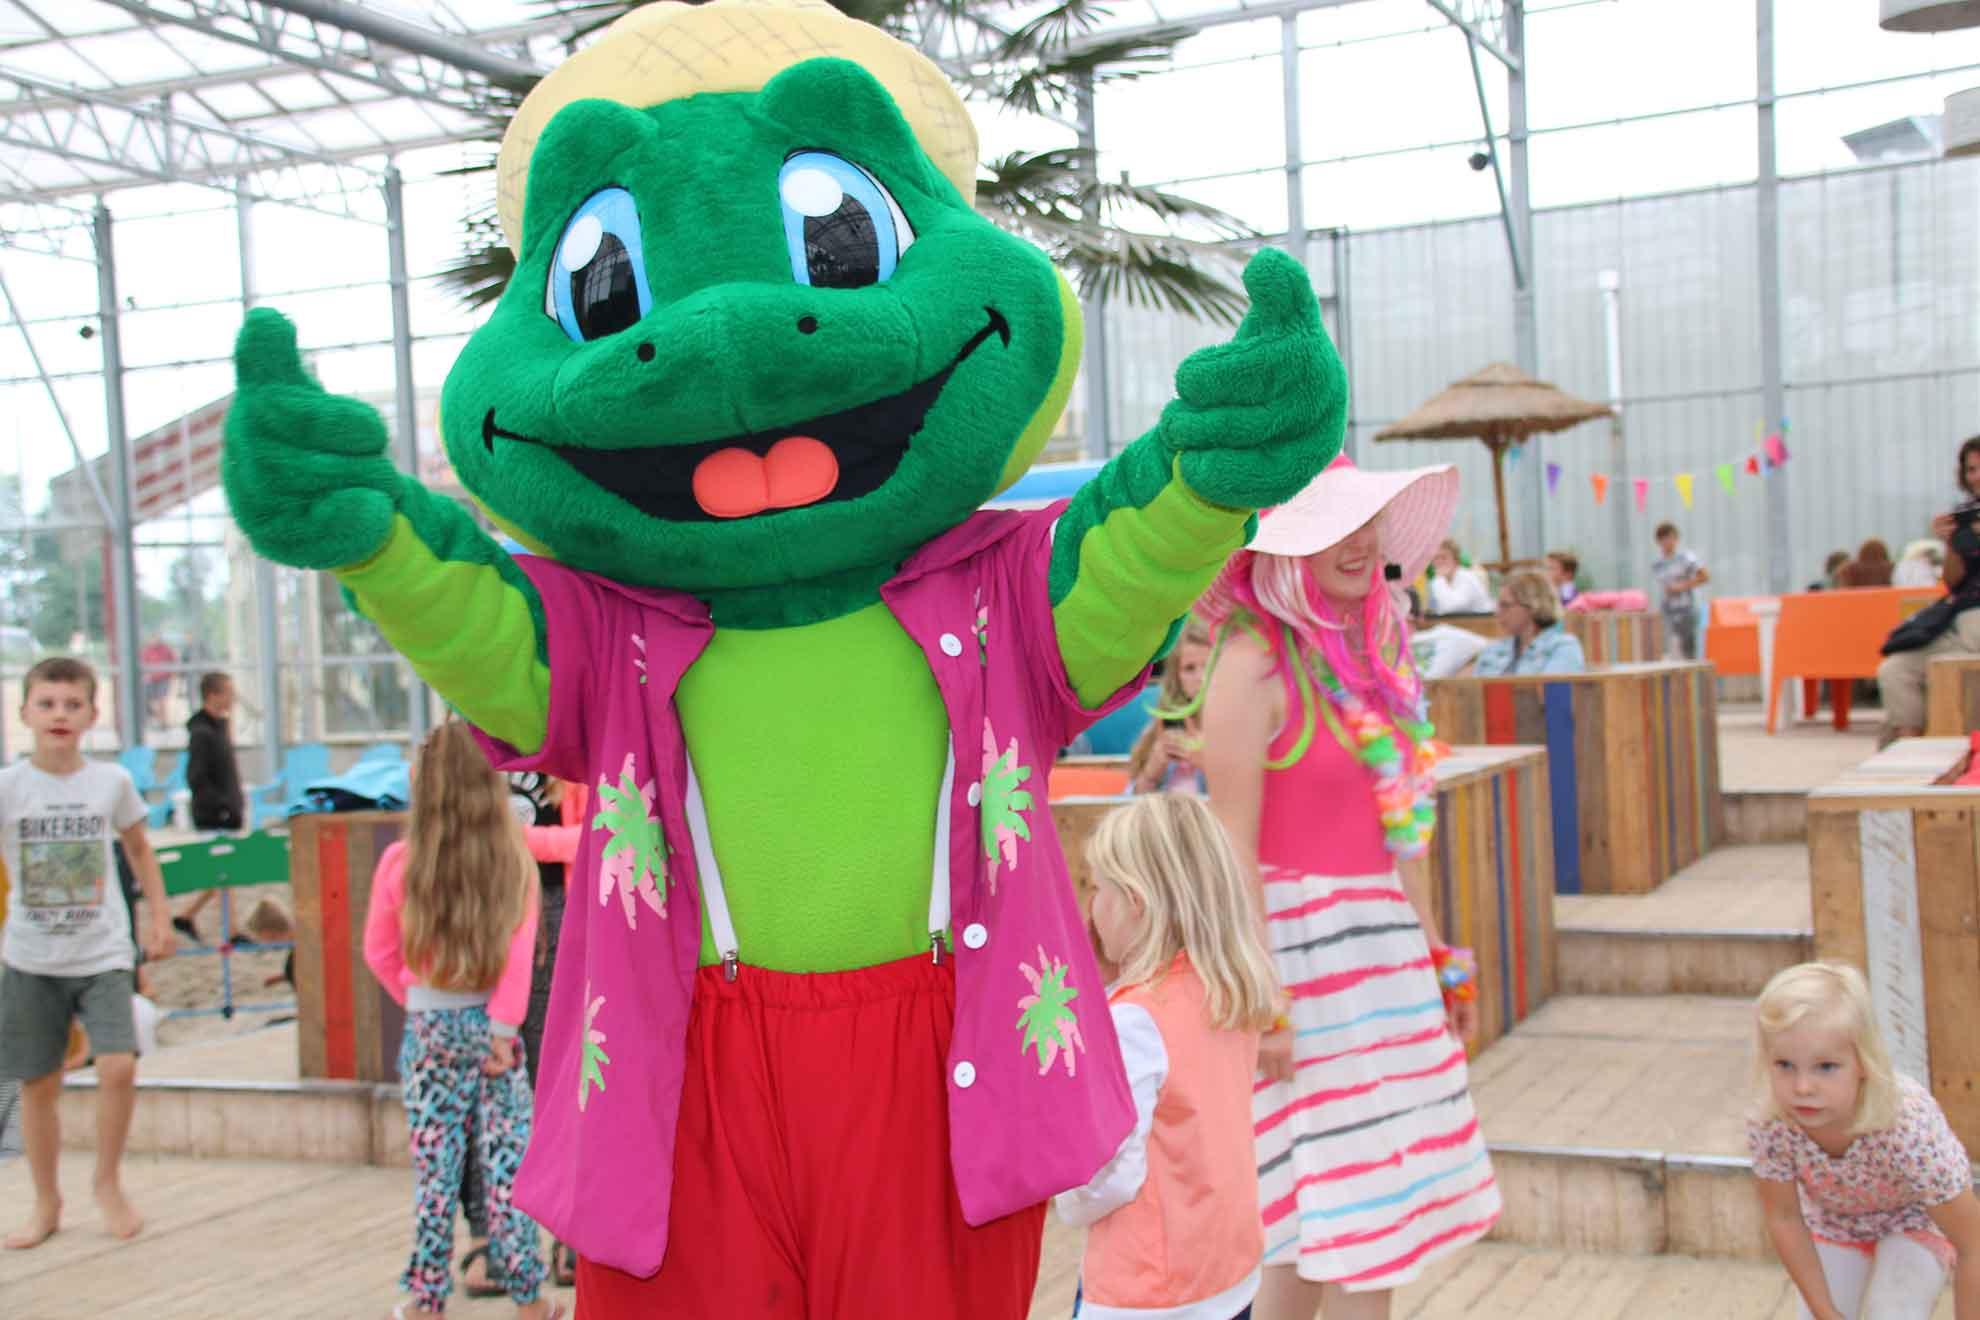 Öffnungszeiten Ferienpark Het Stoetenslagh - Öffnungszeiten Ferienpark in Holland